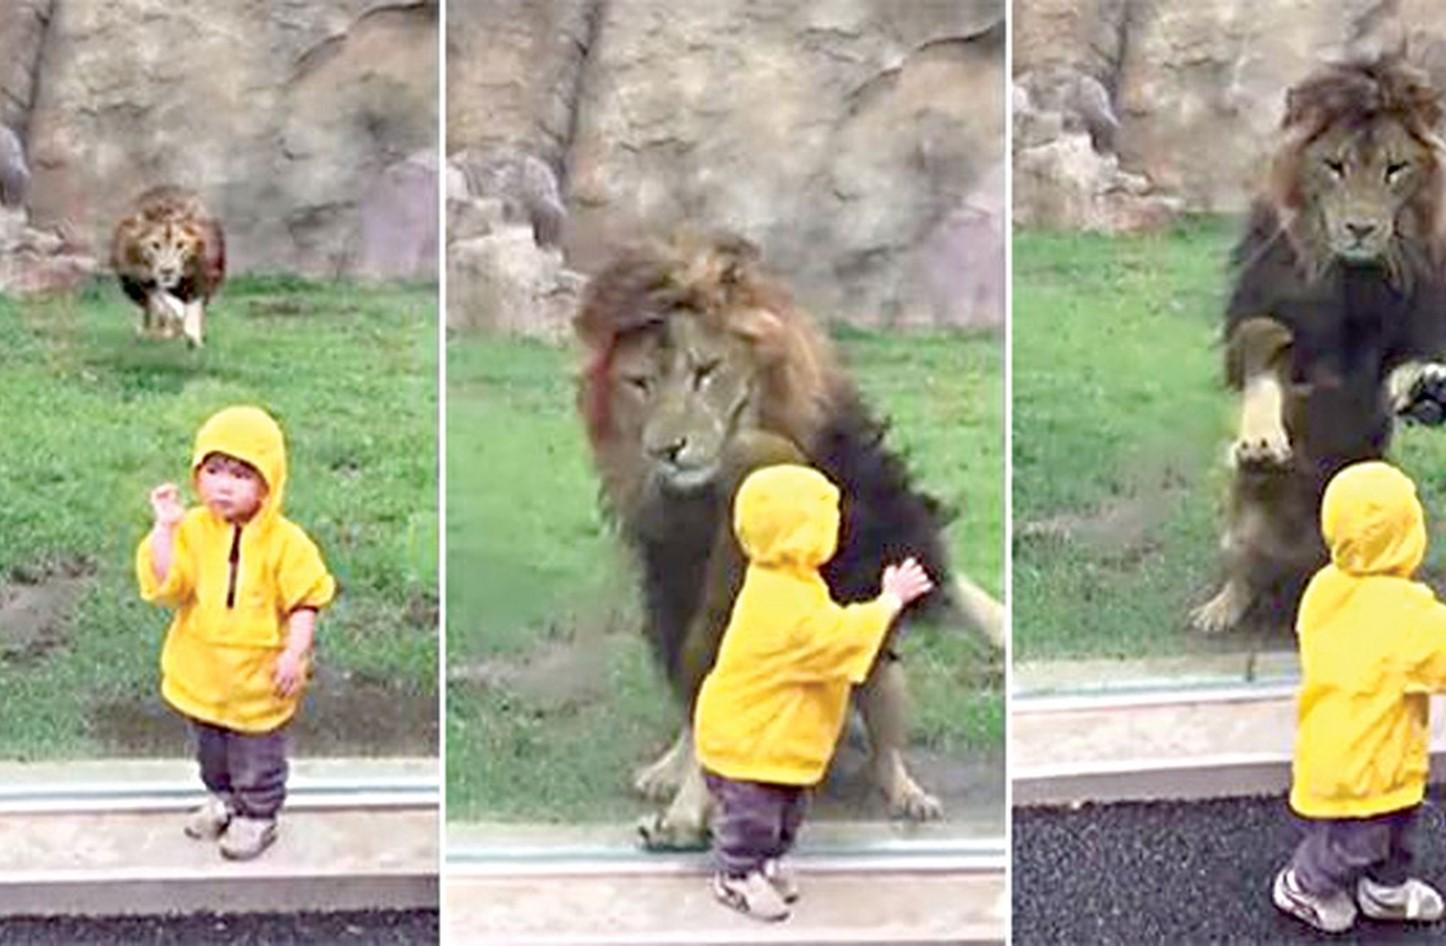 بالفيديو  ..  نجى من الموت بأعجوبة ..  طفل يصارع أسداً في مواجهة مصيرية